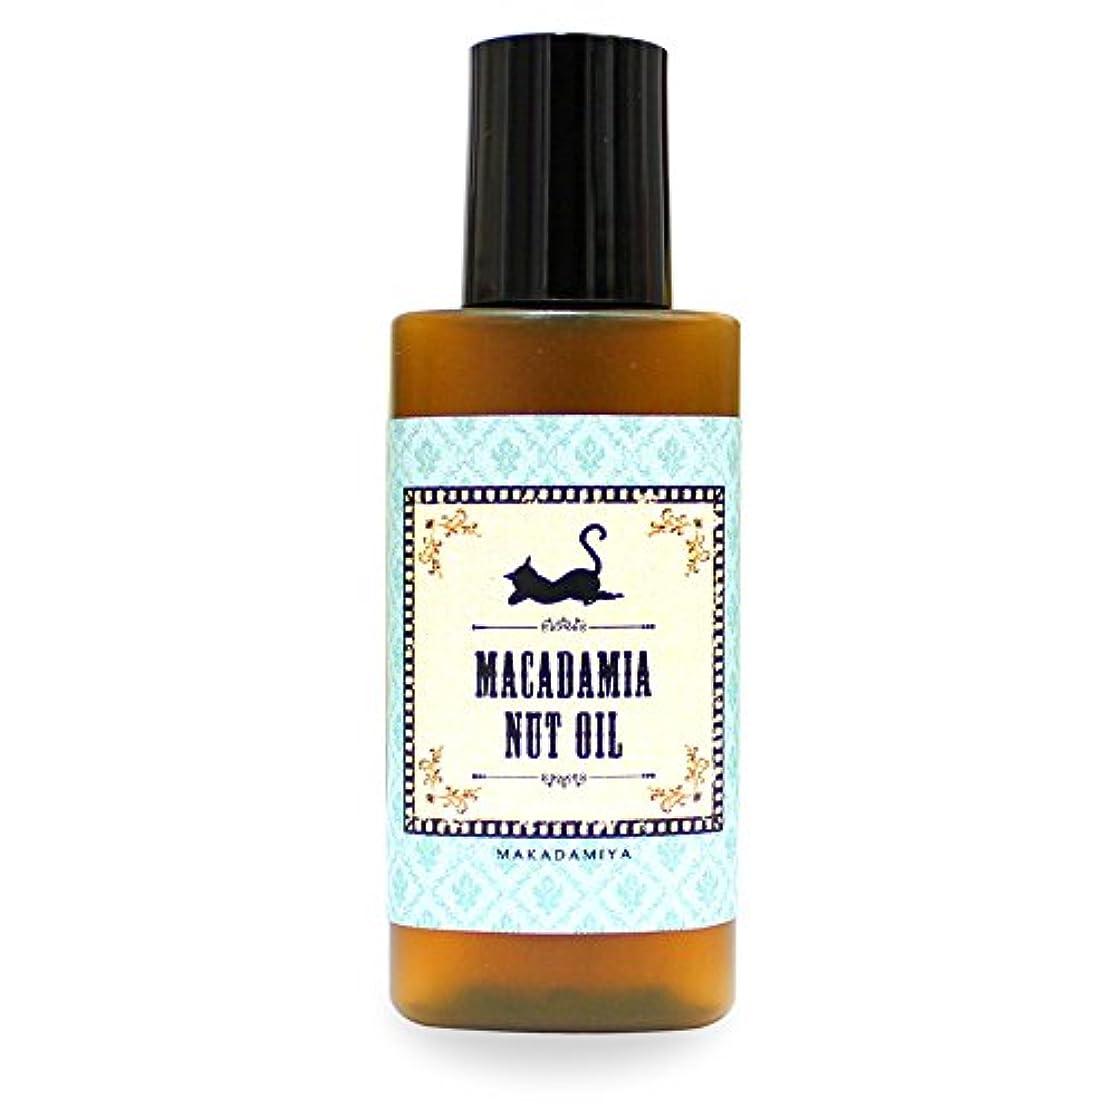 アラバマ議題意味するマカダミアナッツオイル20ml (無農薬 有機栽培) 高級サロン仕様 マッサージオイル キャリアオイル (フェイス/ボディ用)